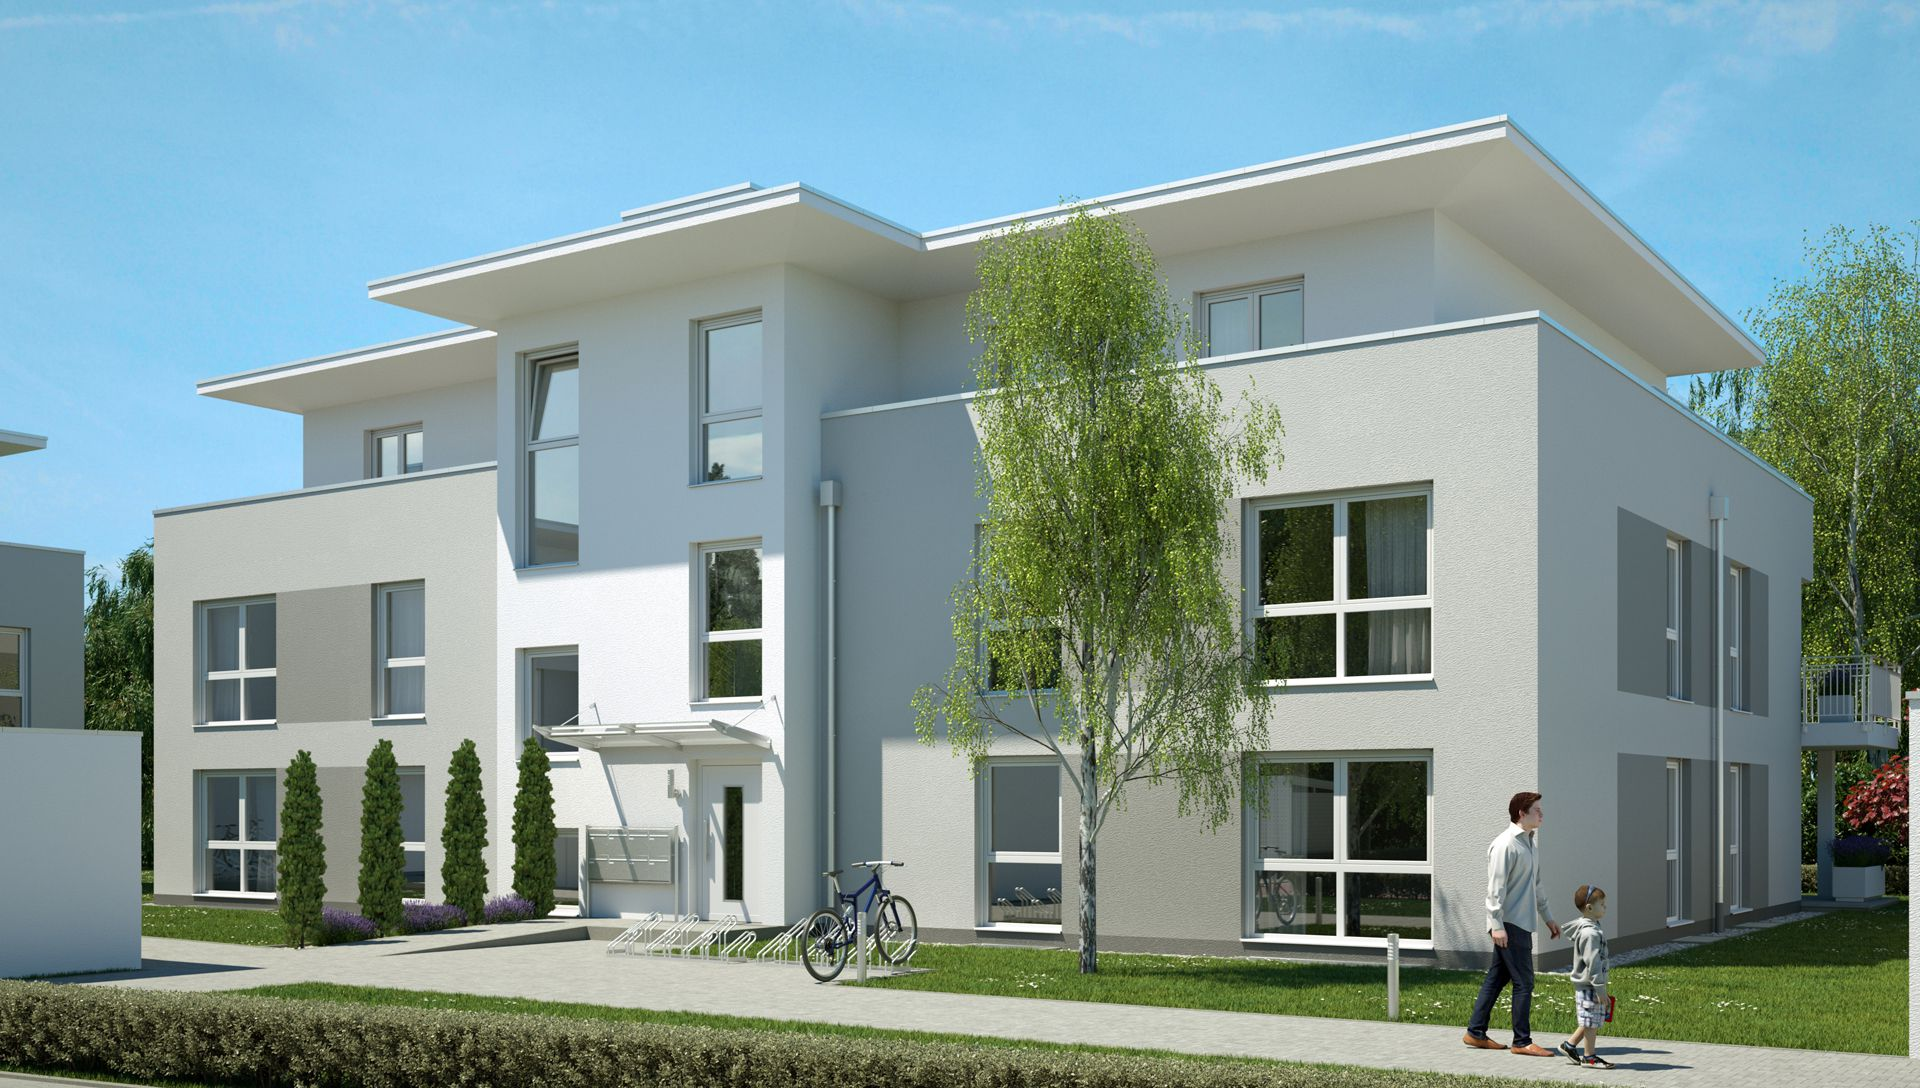 Visualisierung Wohnbauprojekt Bad Kreuznach Eingang